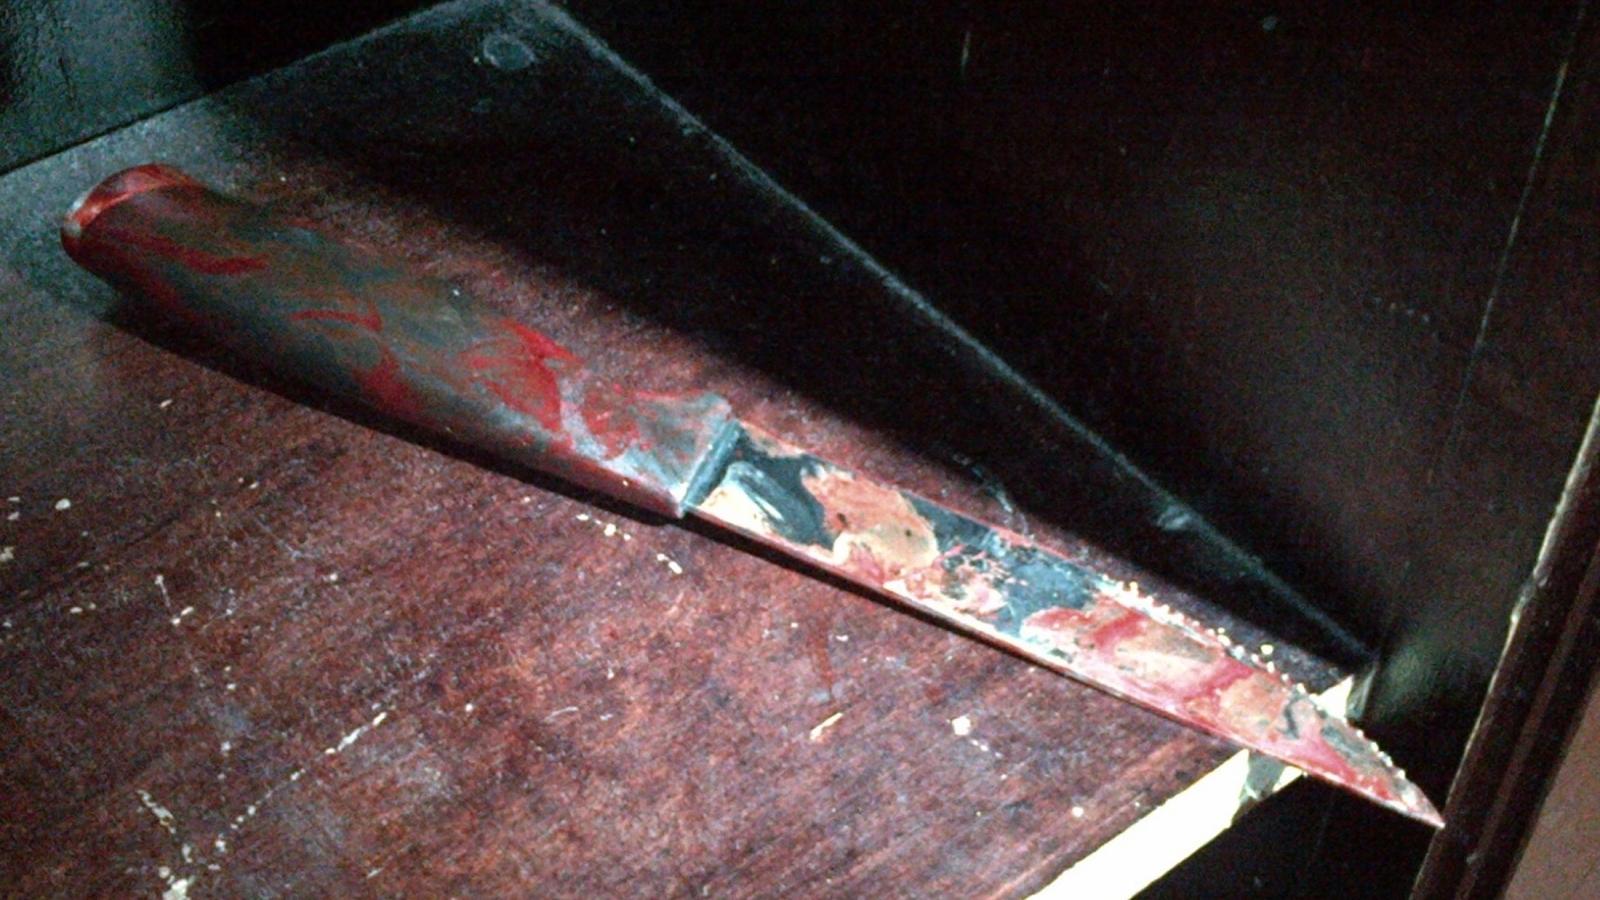 В Измаиле мужчина в больнице ударил ножом соседа по палате, пострадавший умер